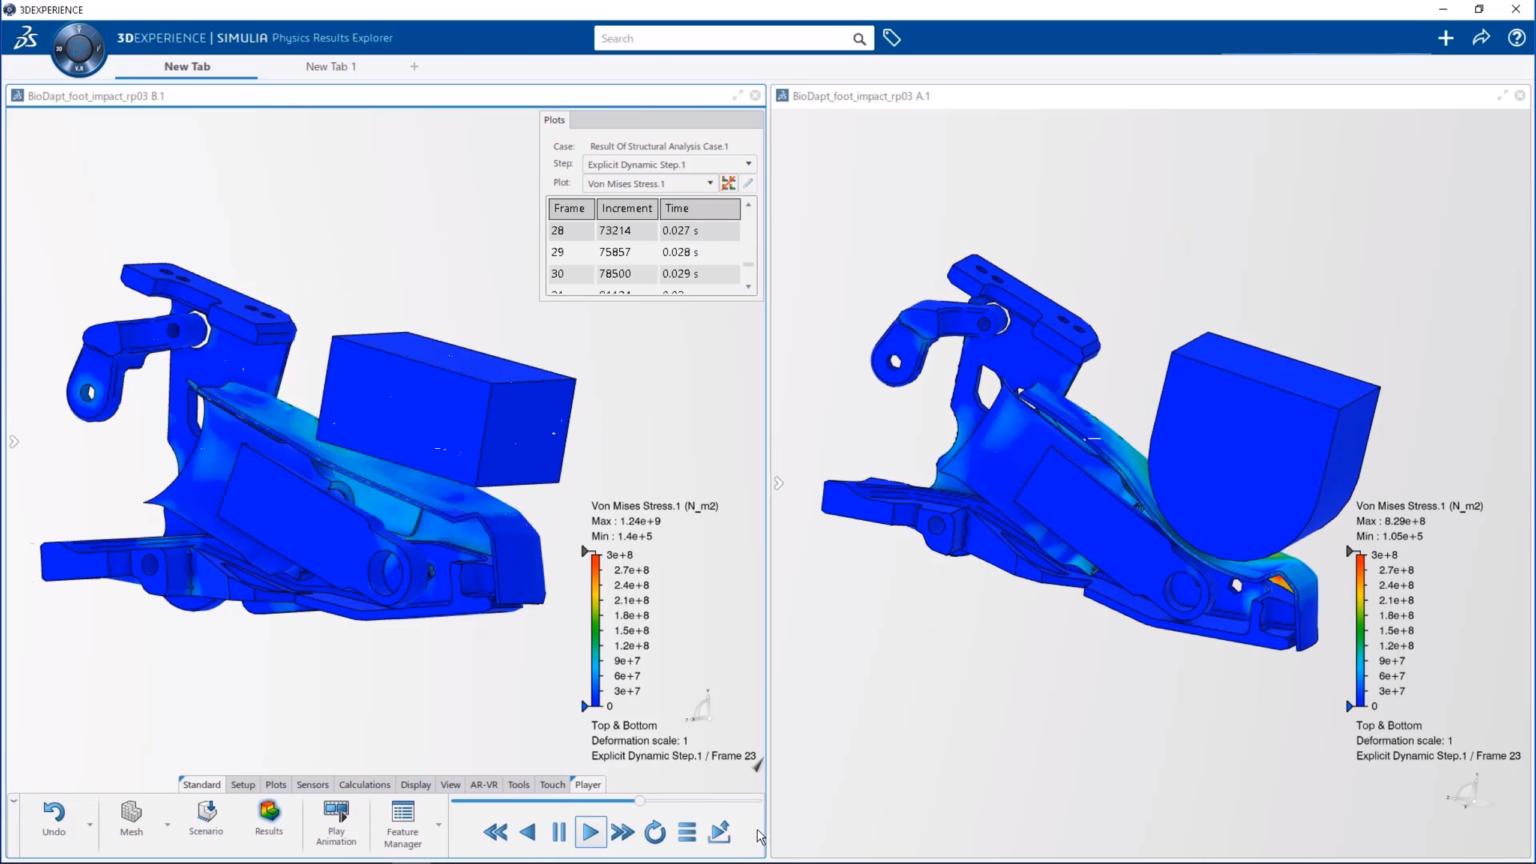 Mô phỏng cơ khí 3D bằng SIMULIAworks trên nền tảng 3DEXPERIENCE